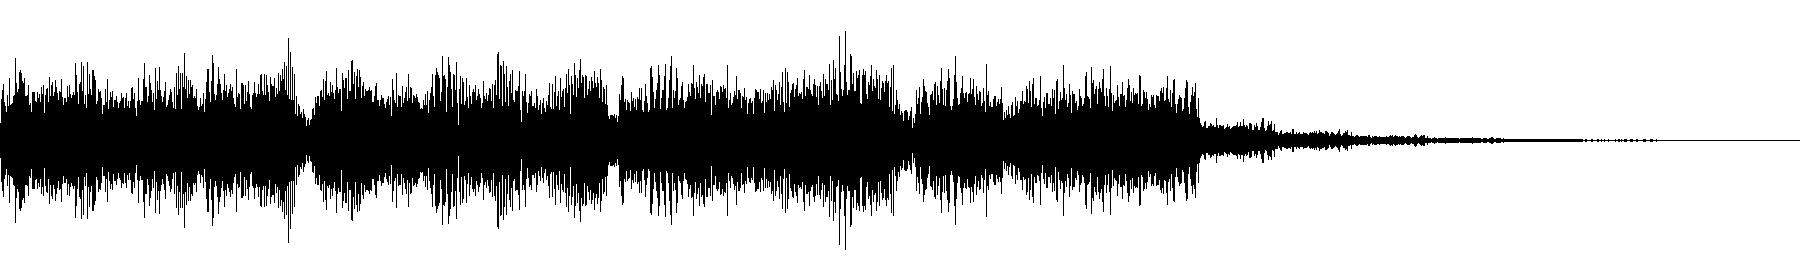 pad melody